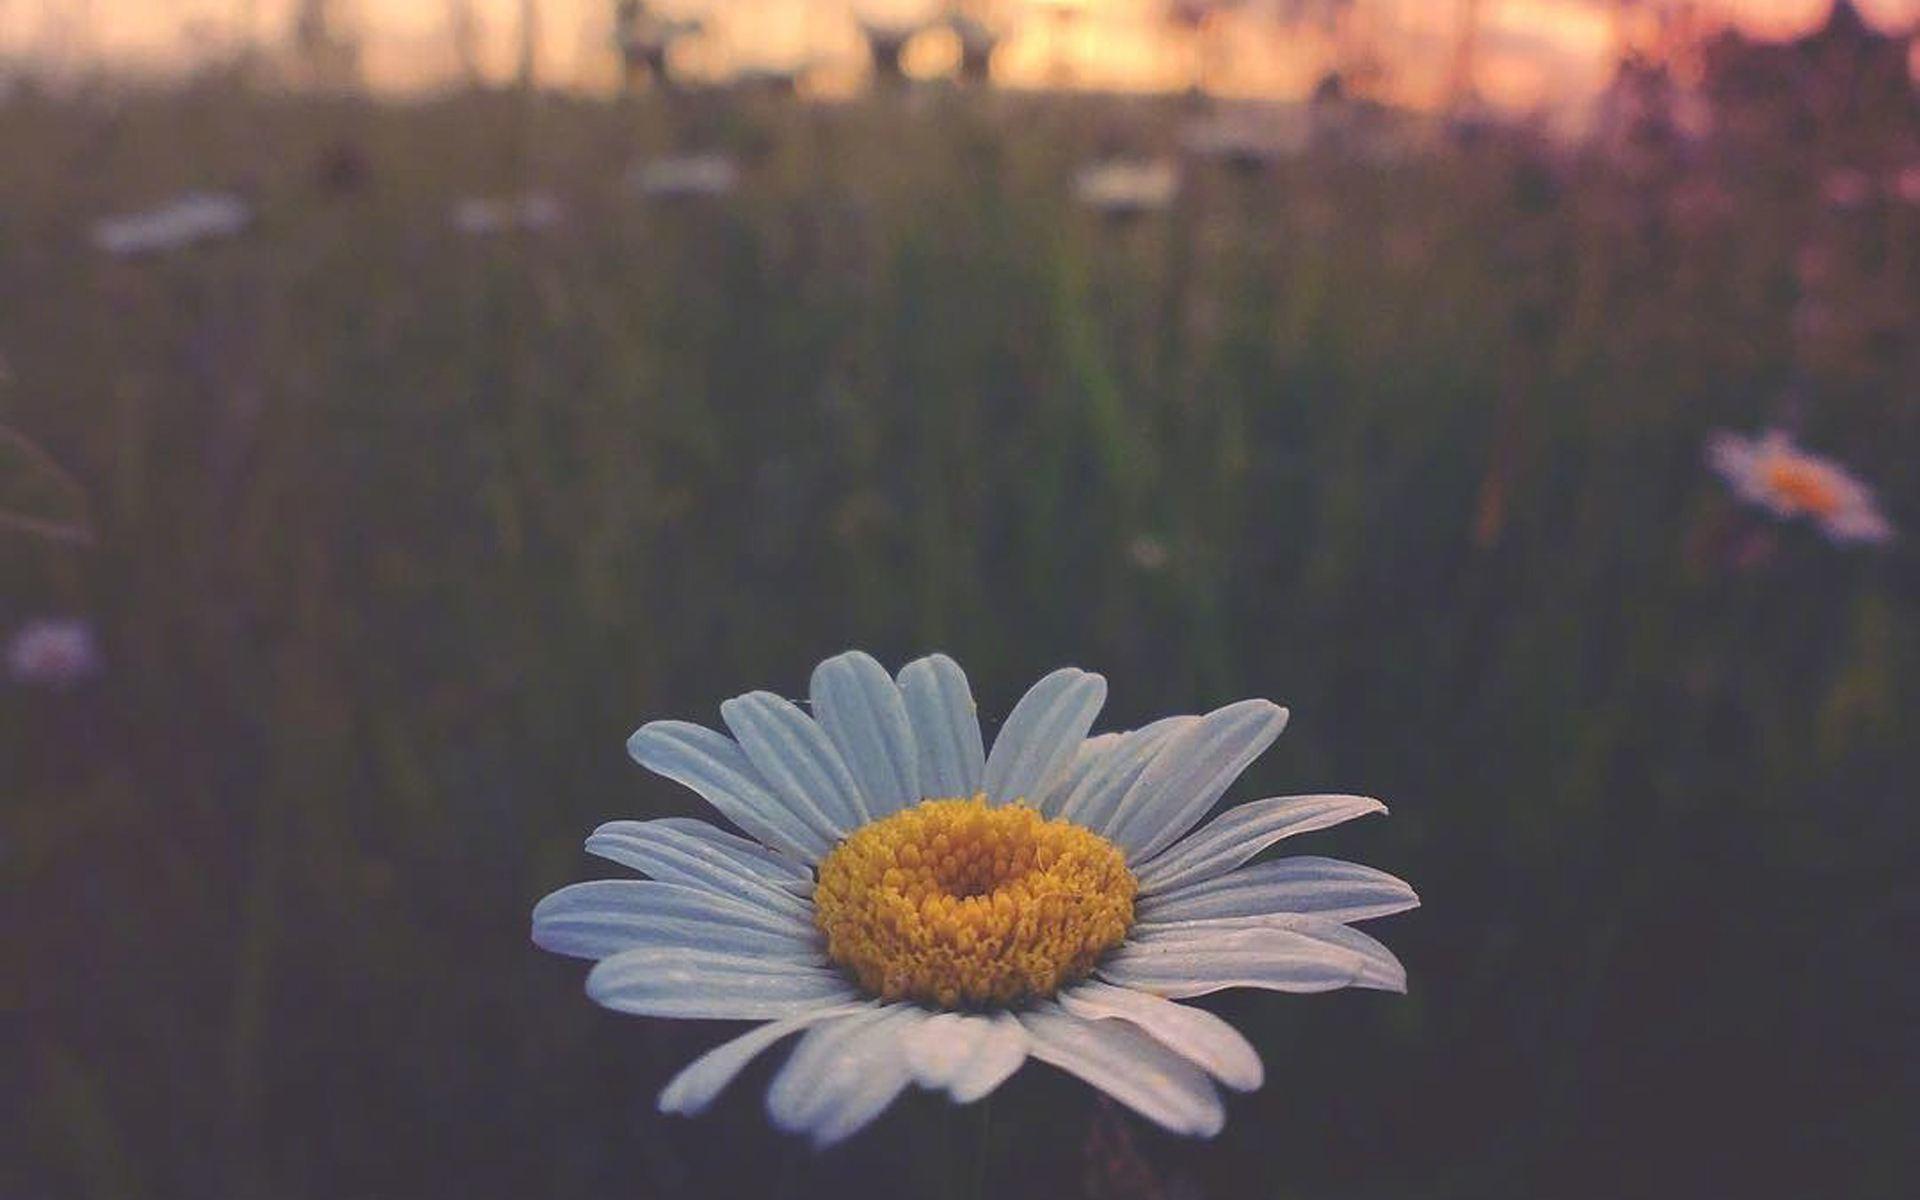 感悟成长的人生经典情感语录说说:积极向上每一天吧